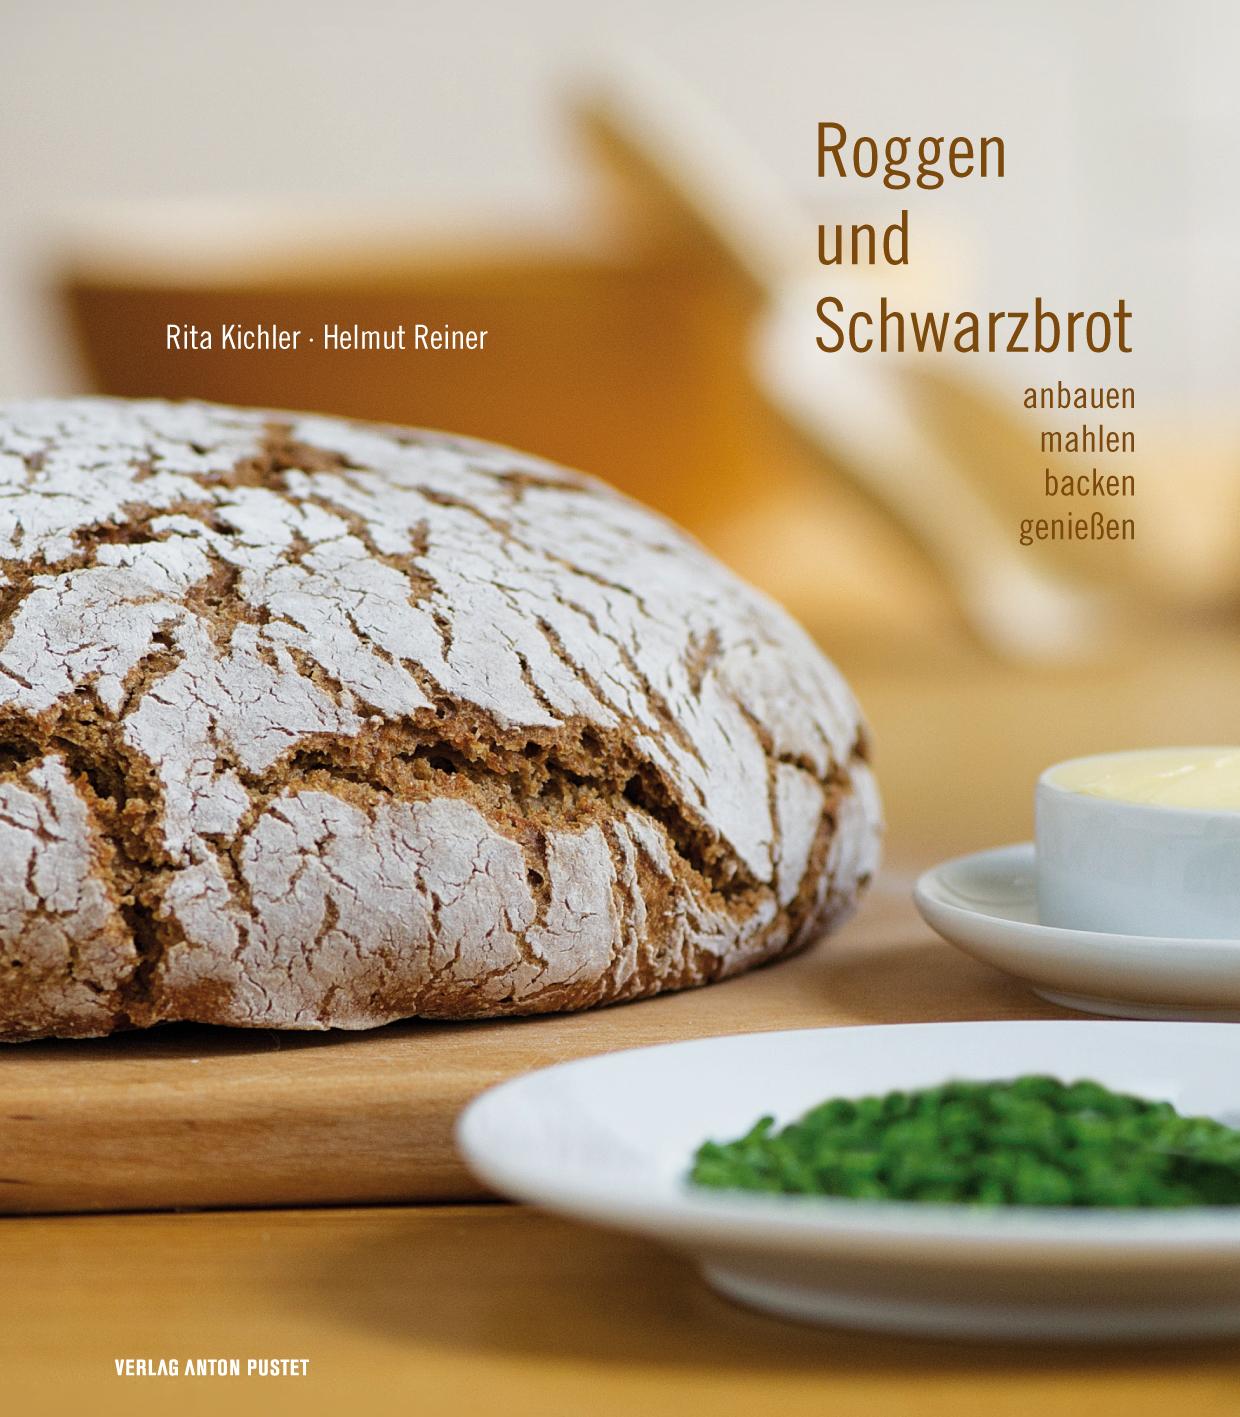 Roggen und Schwarzbrot, Rita Kichler